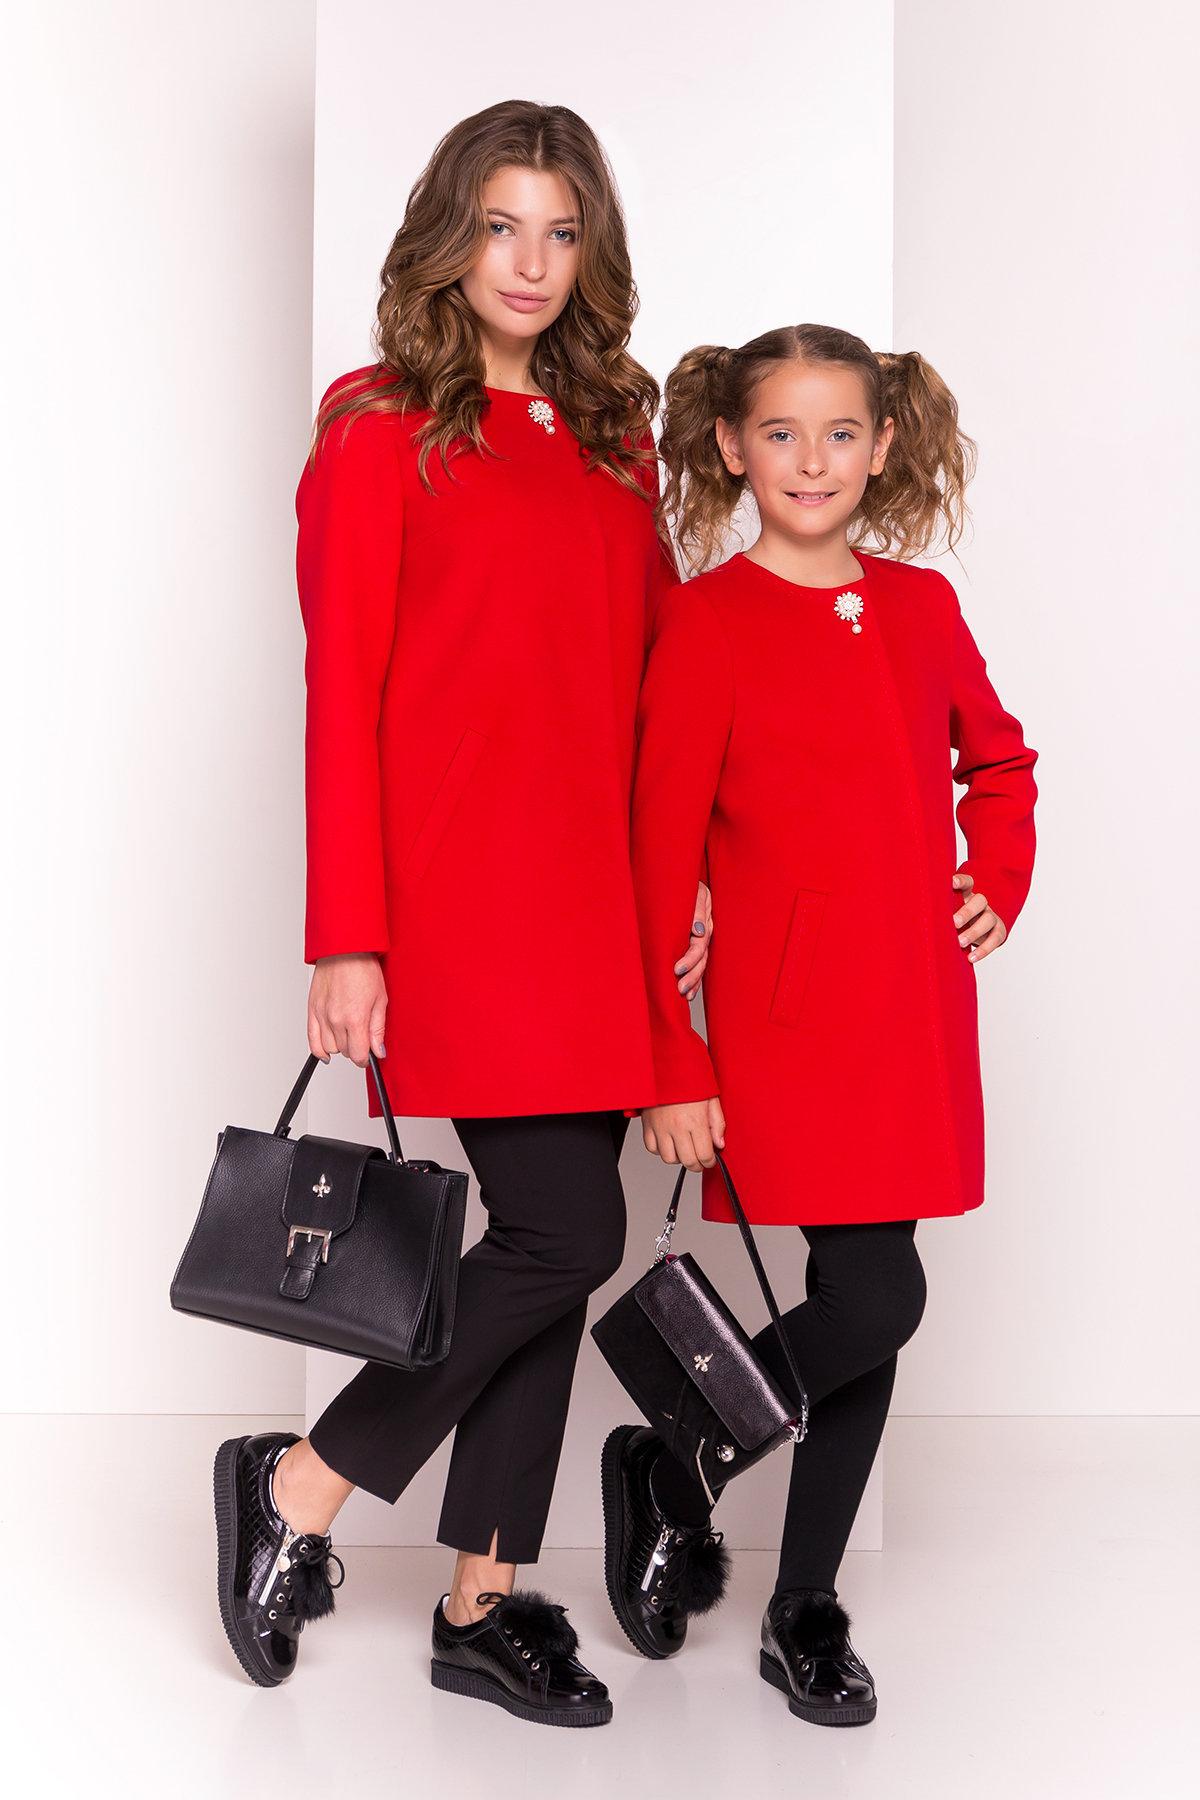 Пальто детское Чита 5297 АРТ. 38350 Цвет: Красный - фото 6, интернет магазин tm-modus.ru